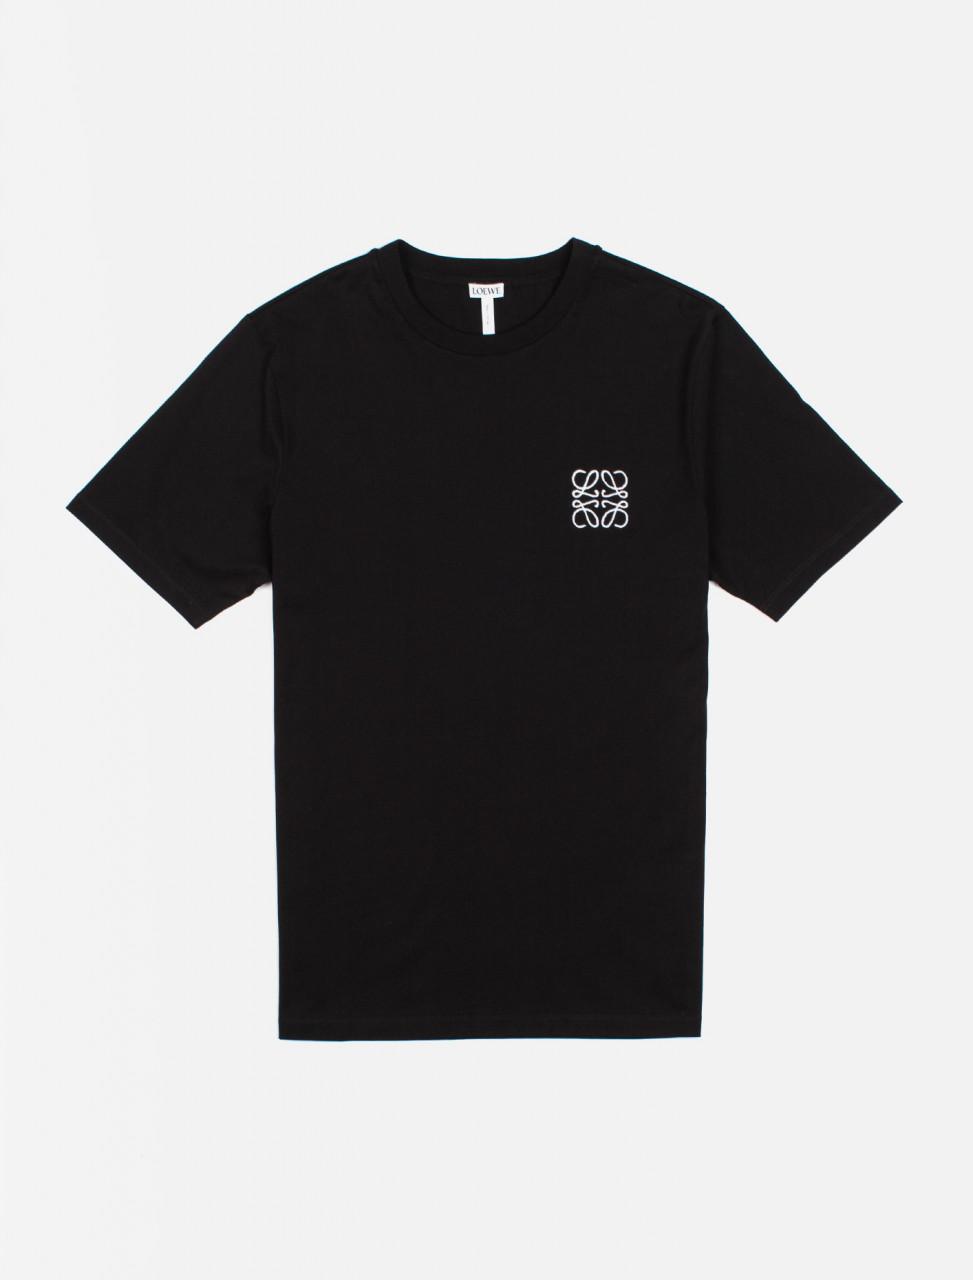 251-H526341XAI LOEWE ANAGRAM T-SHIRT BLACK